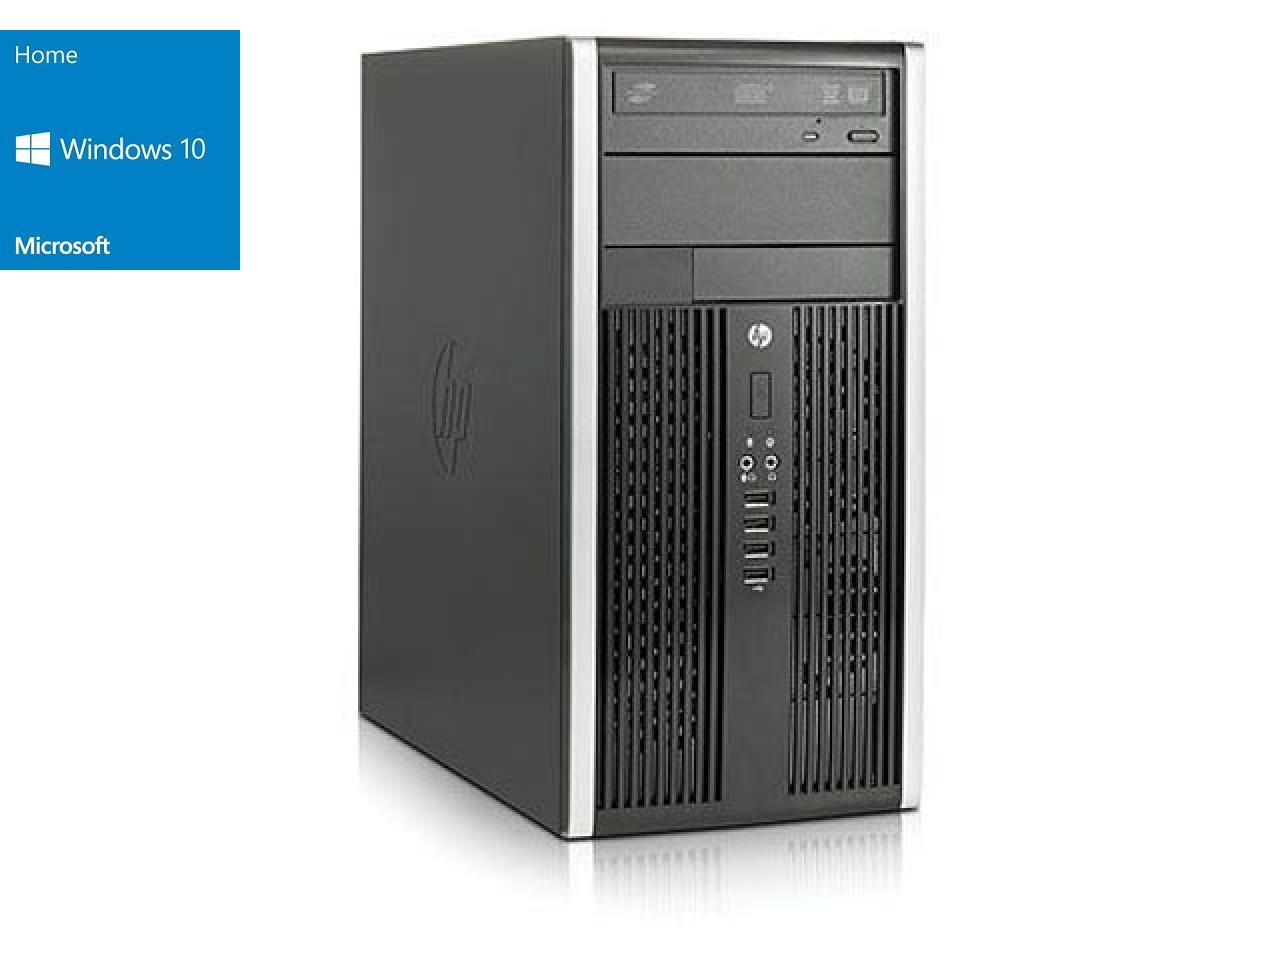 Hewlett Packard Elite 8300 MT  - shop.bb-net.de